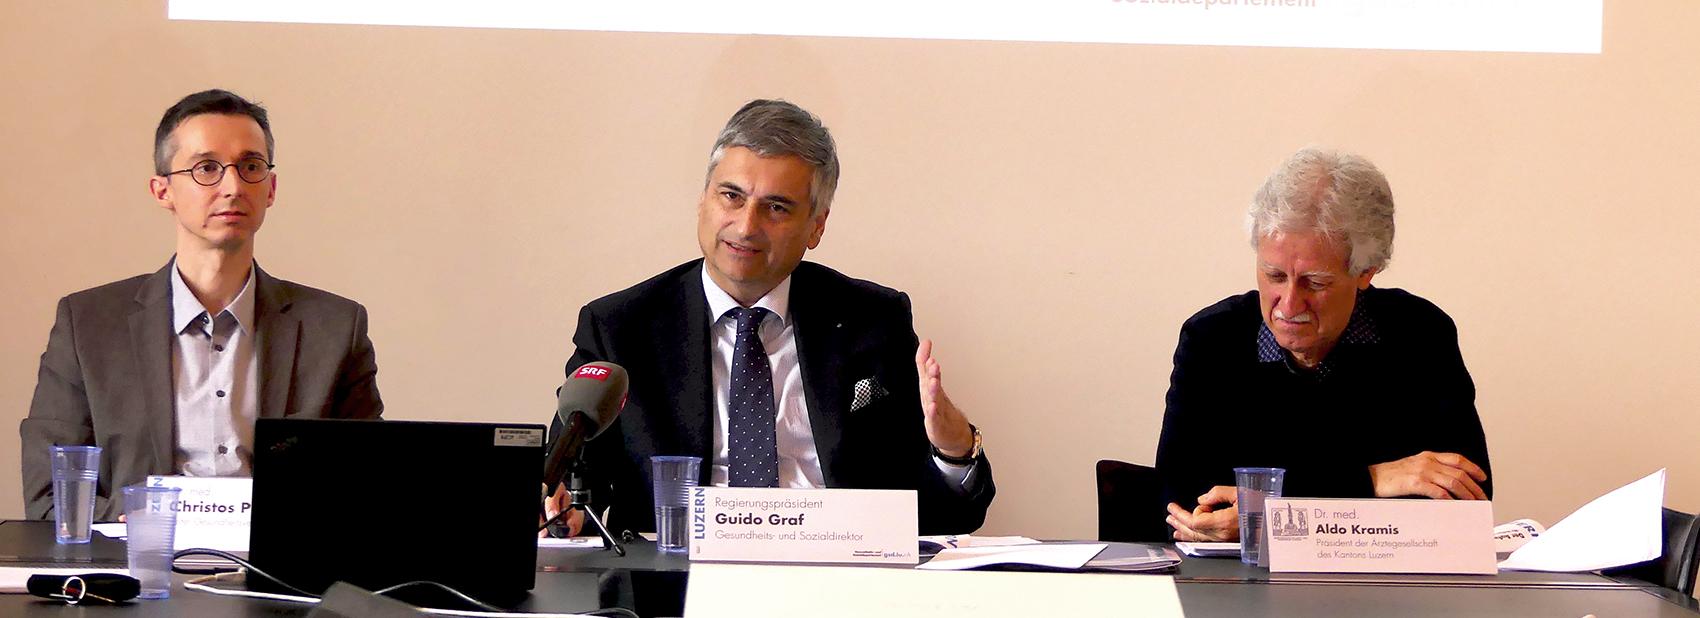 Christos Pouskoulas (Leiter Gesundheitsversorgung), Regierungspräsident und Gesundheitsdirektor Guido Graf und Aldo Kramis (Präsident Ärztegesellschaft) bei der Präsentation der neusten Zahlen.